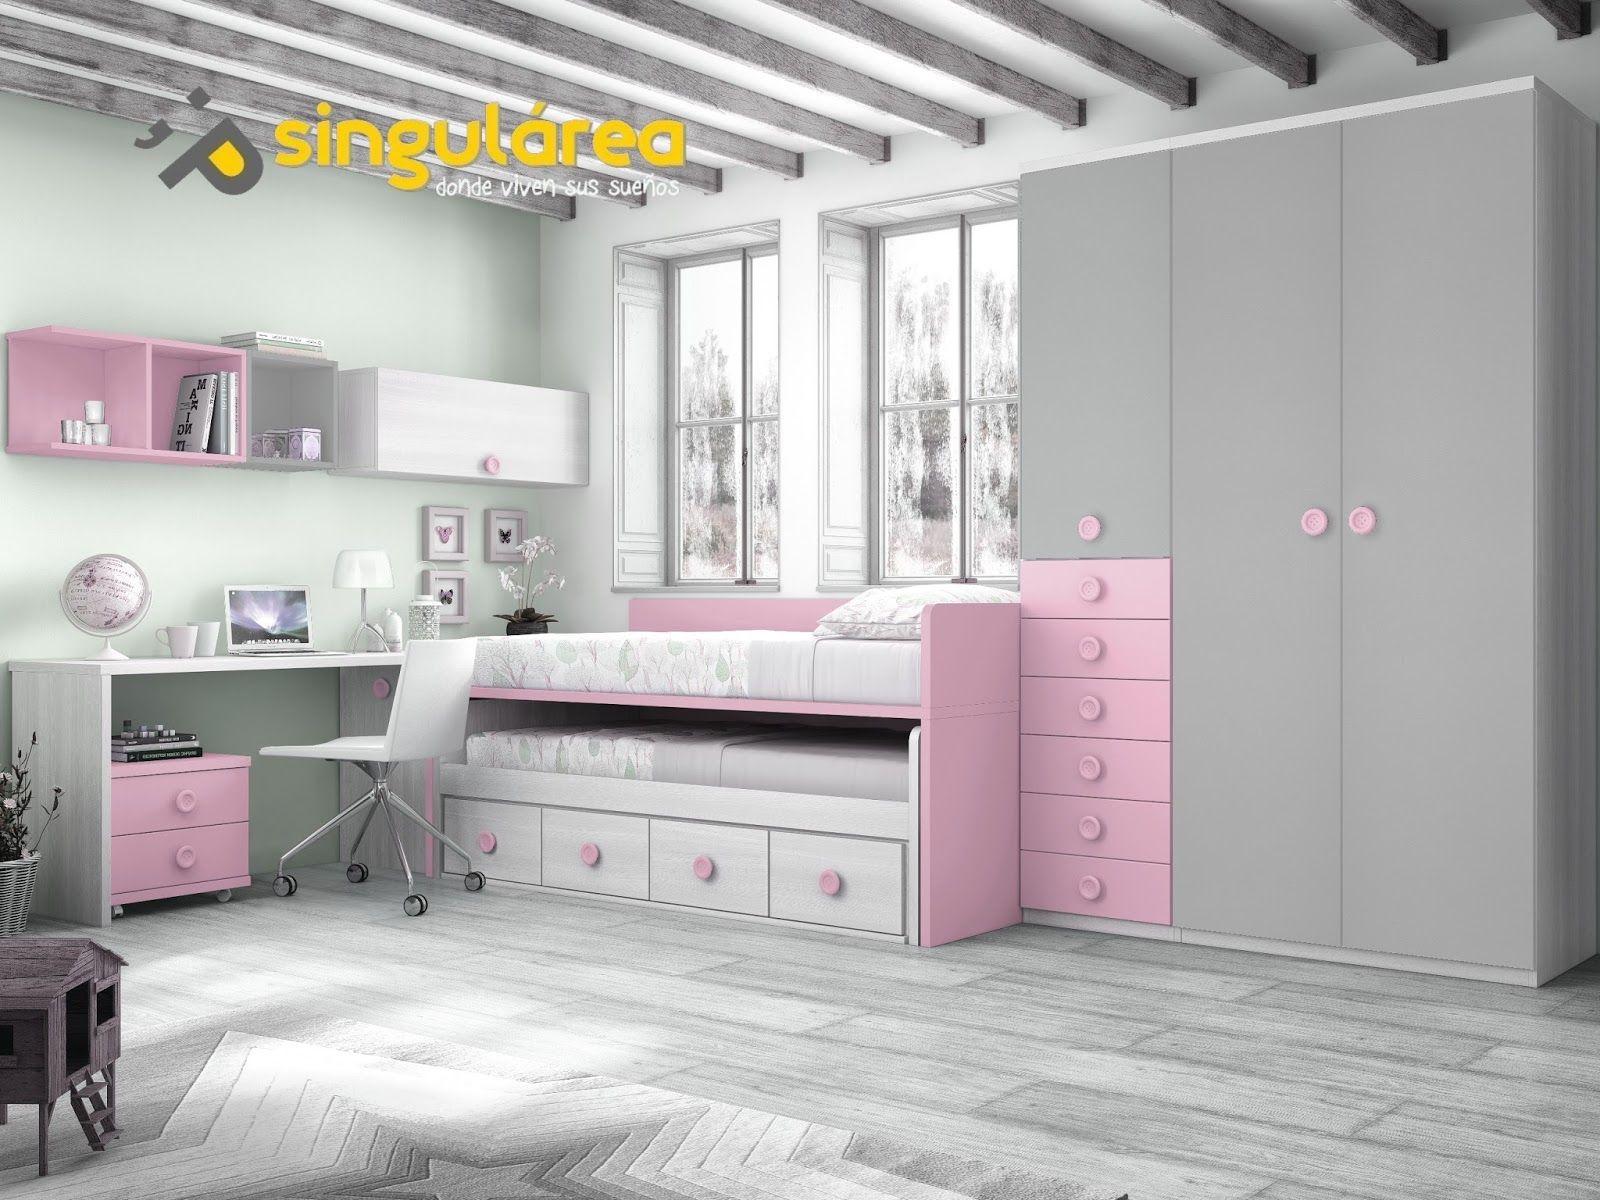 dormitorio juvenil 605ct278 muebles dormitorios On muebles briole dormitorios juveniles